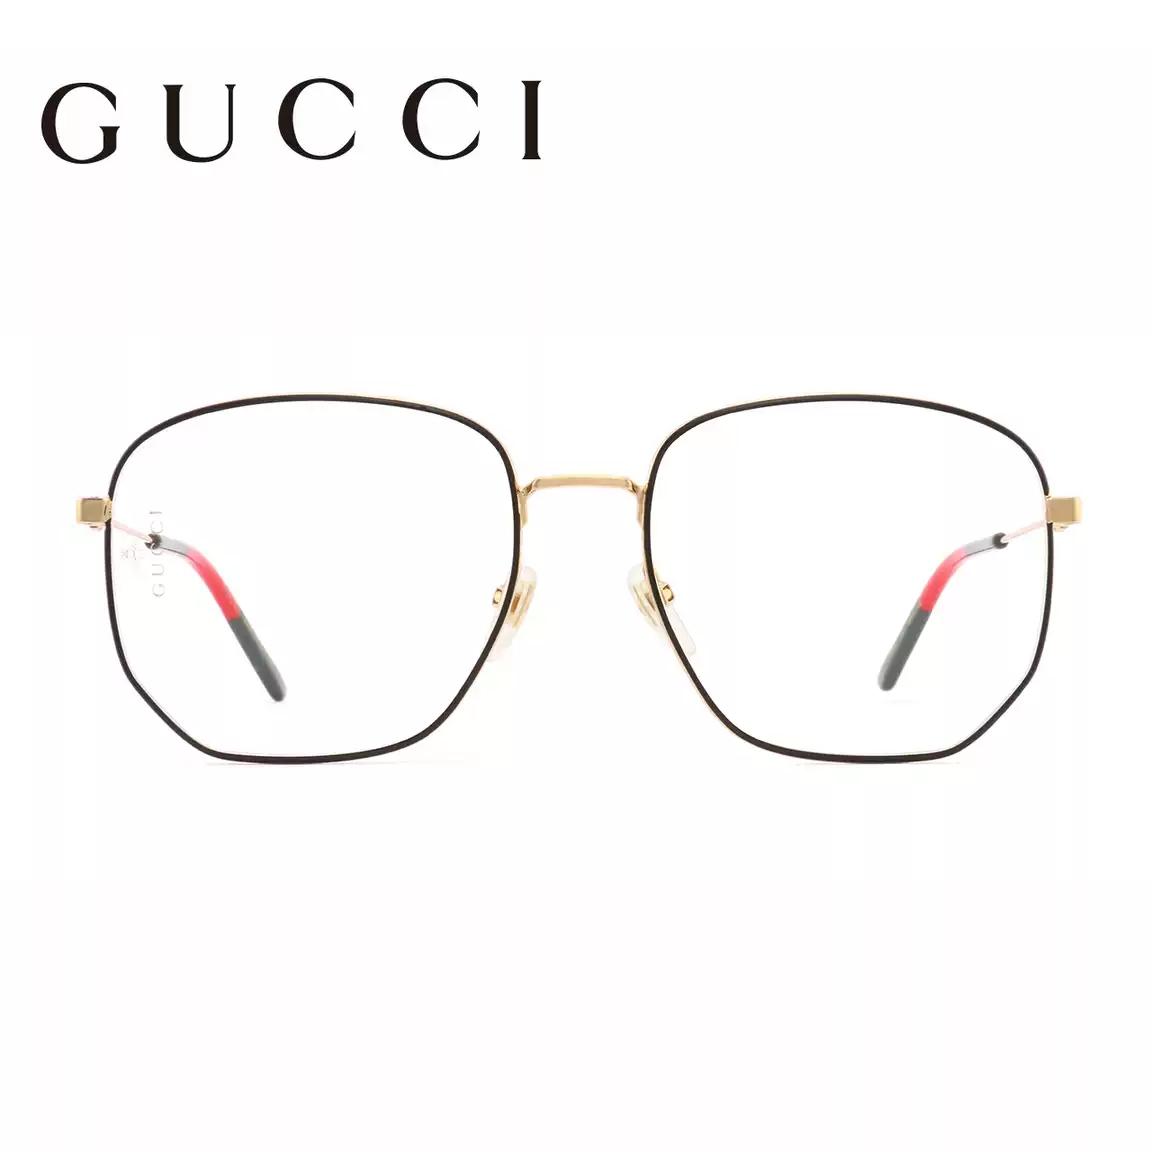 【酷定吧】0156 GUCCI古驰男女时尚大框近视眼镜定制(含黛玛诗1.61防蓝光超发水膜镜片)(品牌正品,非质量问题,不接受退换货)